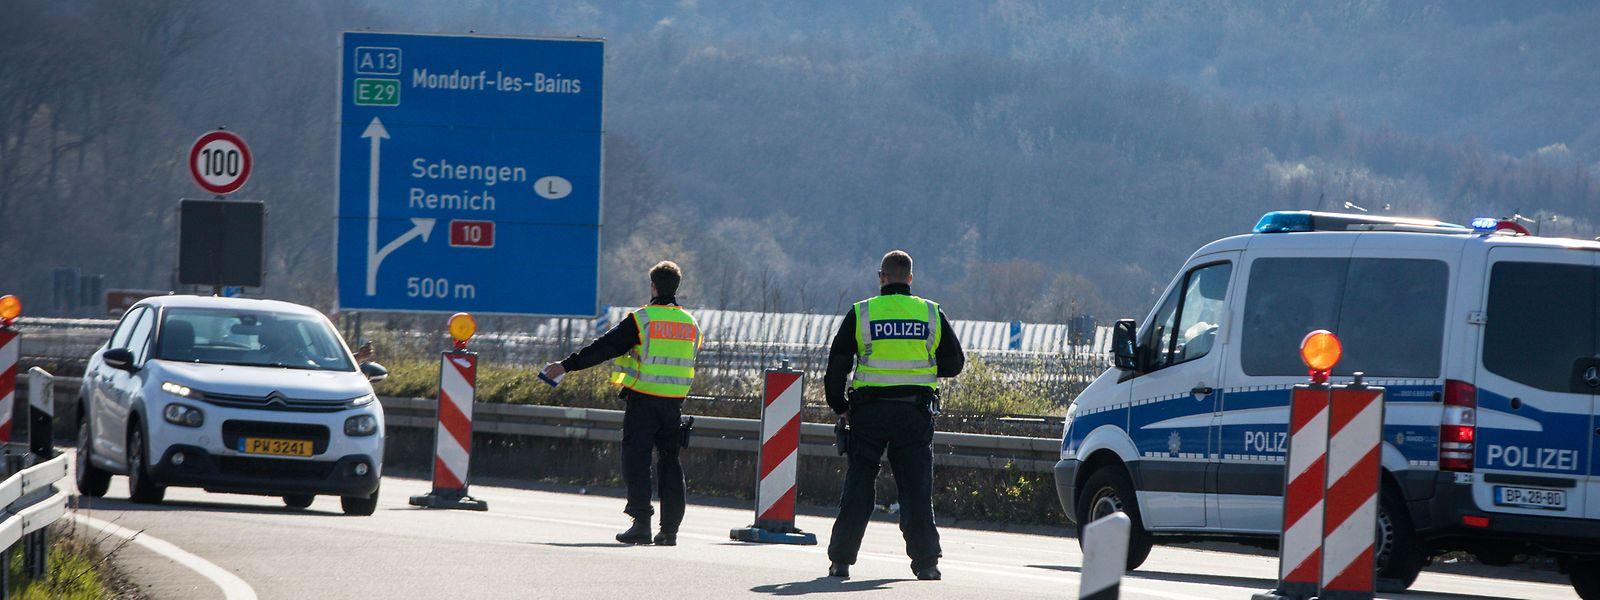 Parmi les effets néfastes de la crise sanitaire dénoncés par les syndicats et le gouvernement, le retour à la fermeture des frontières, décidée de manière unilatérale. Notamment par l'Allemagne.